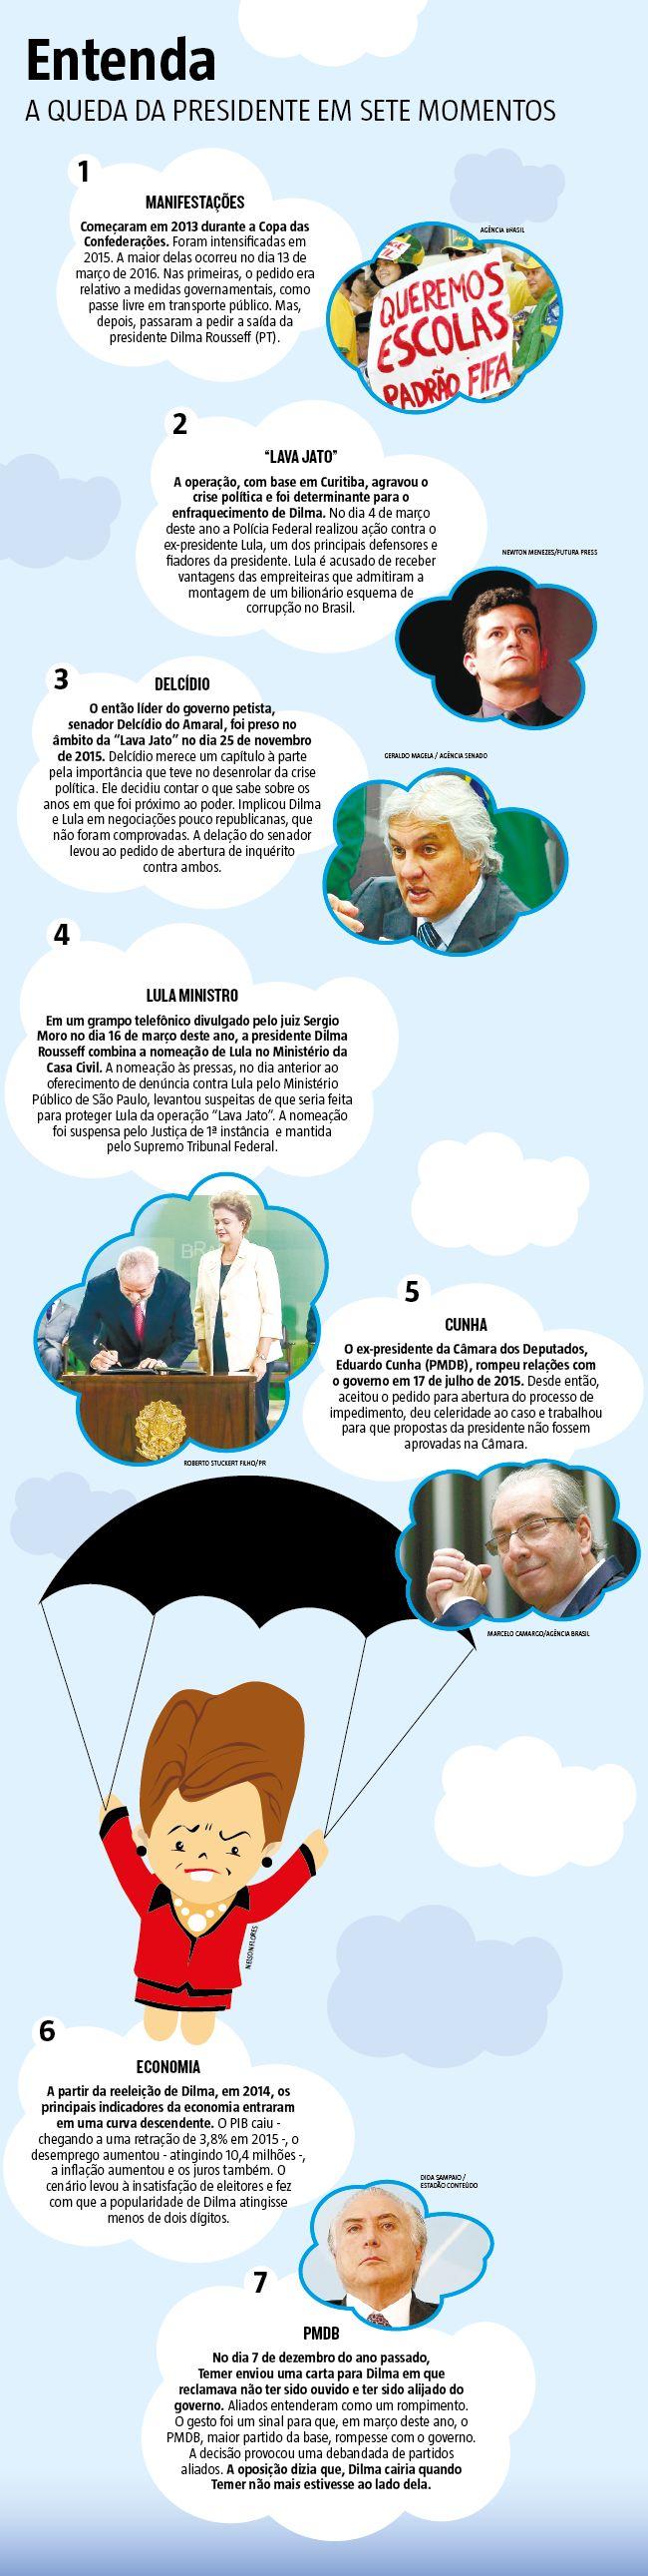 Entenda: a queda da presidente em sete momentos (13/05/2016) #Política #impeachment #Dilma #Infográfico #Infografia #HojeEmDia